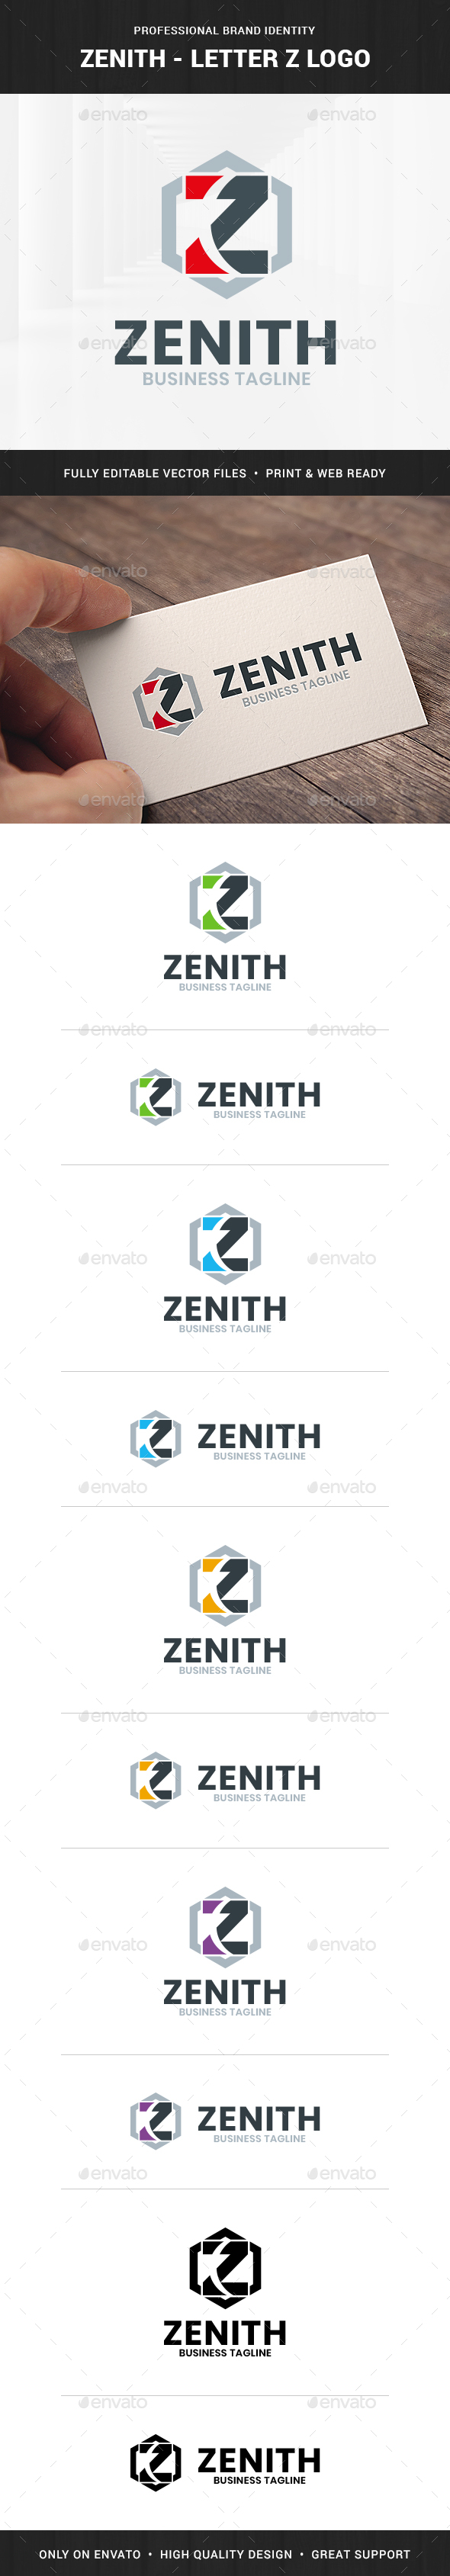 Zenith - Letter Z Logo